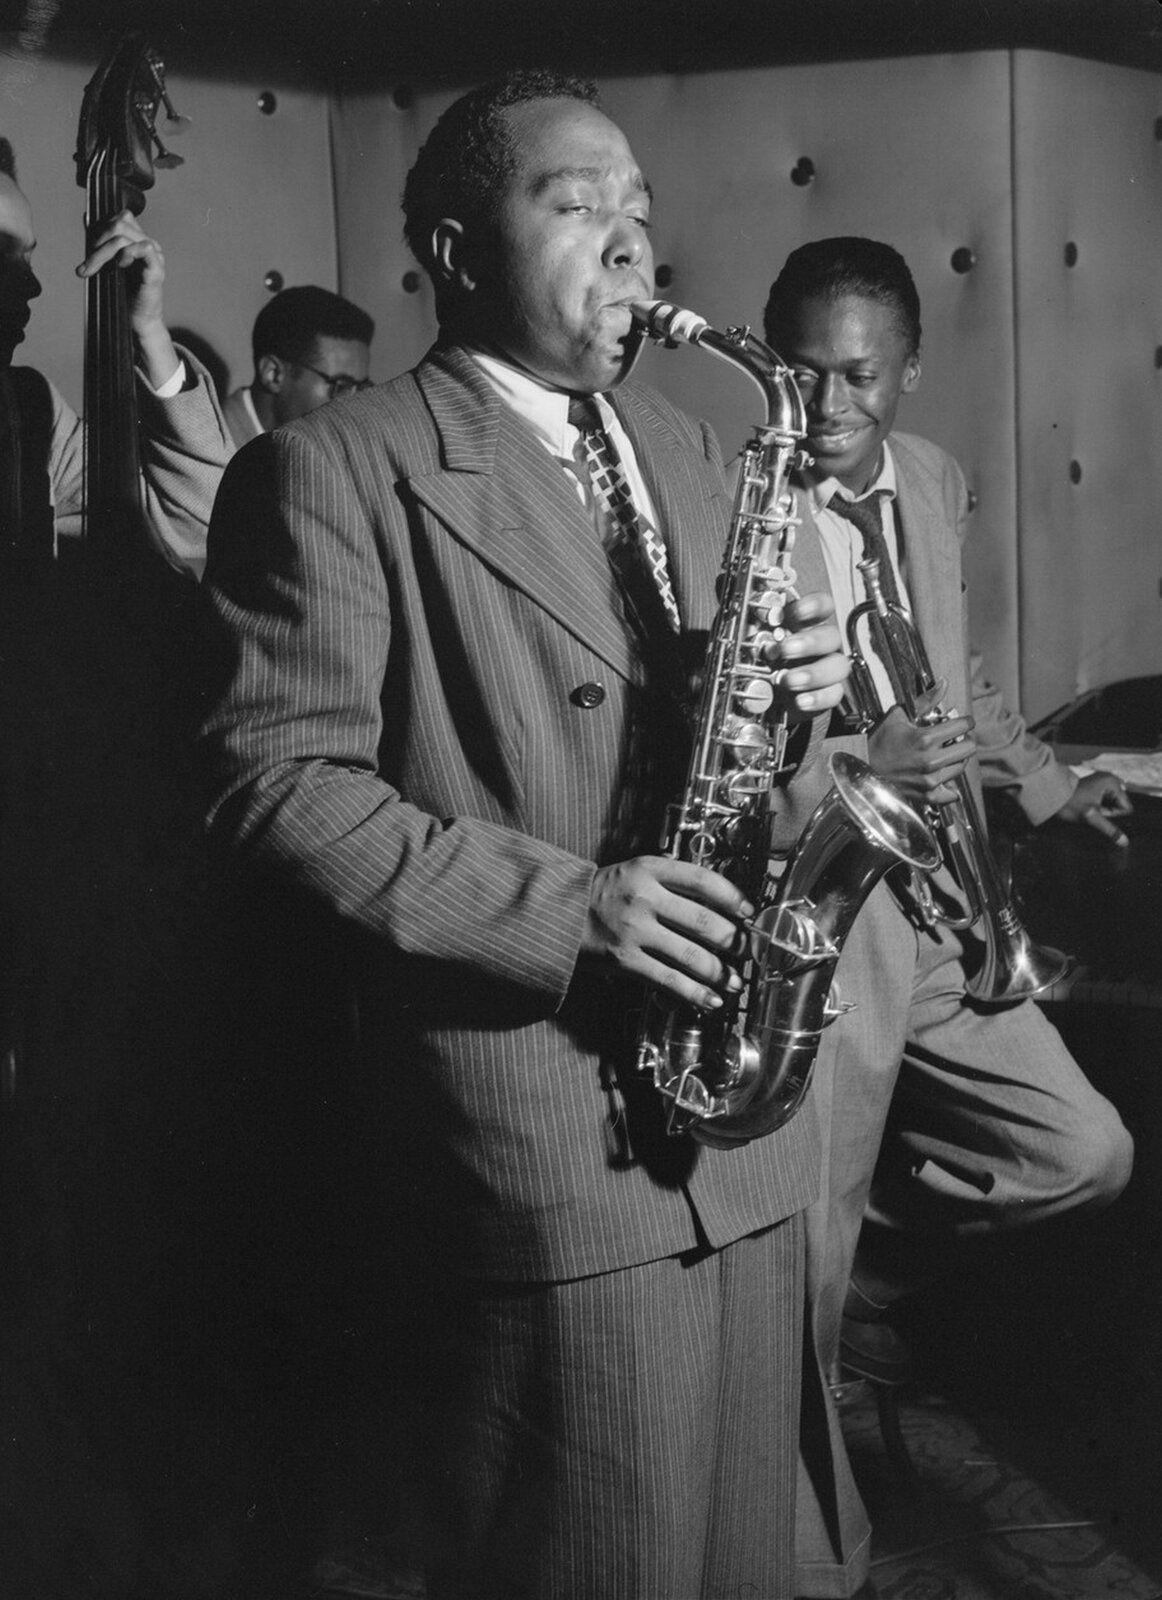 Ilustracja przedstawia zdjęcie słynnego amerykańskiego muzyka Charliego Parkera grającego na saksofonie.